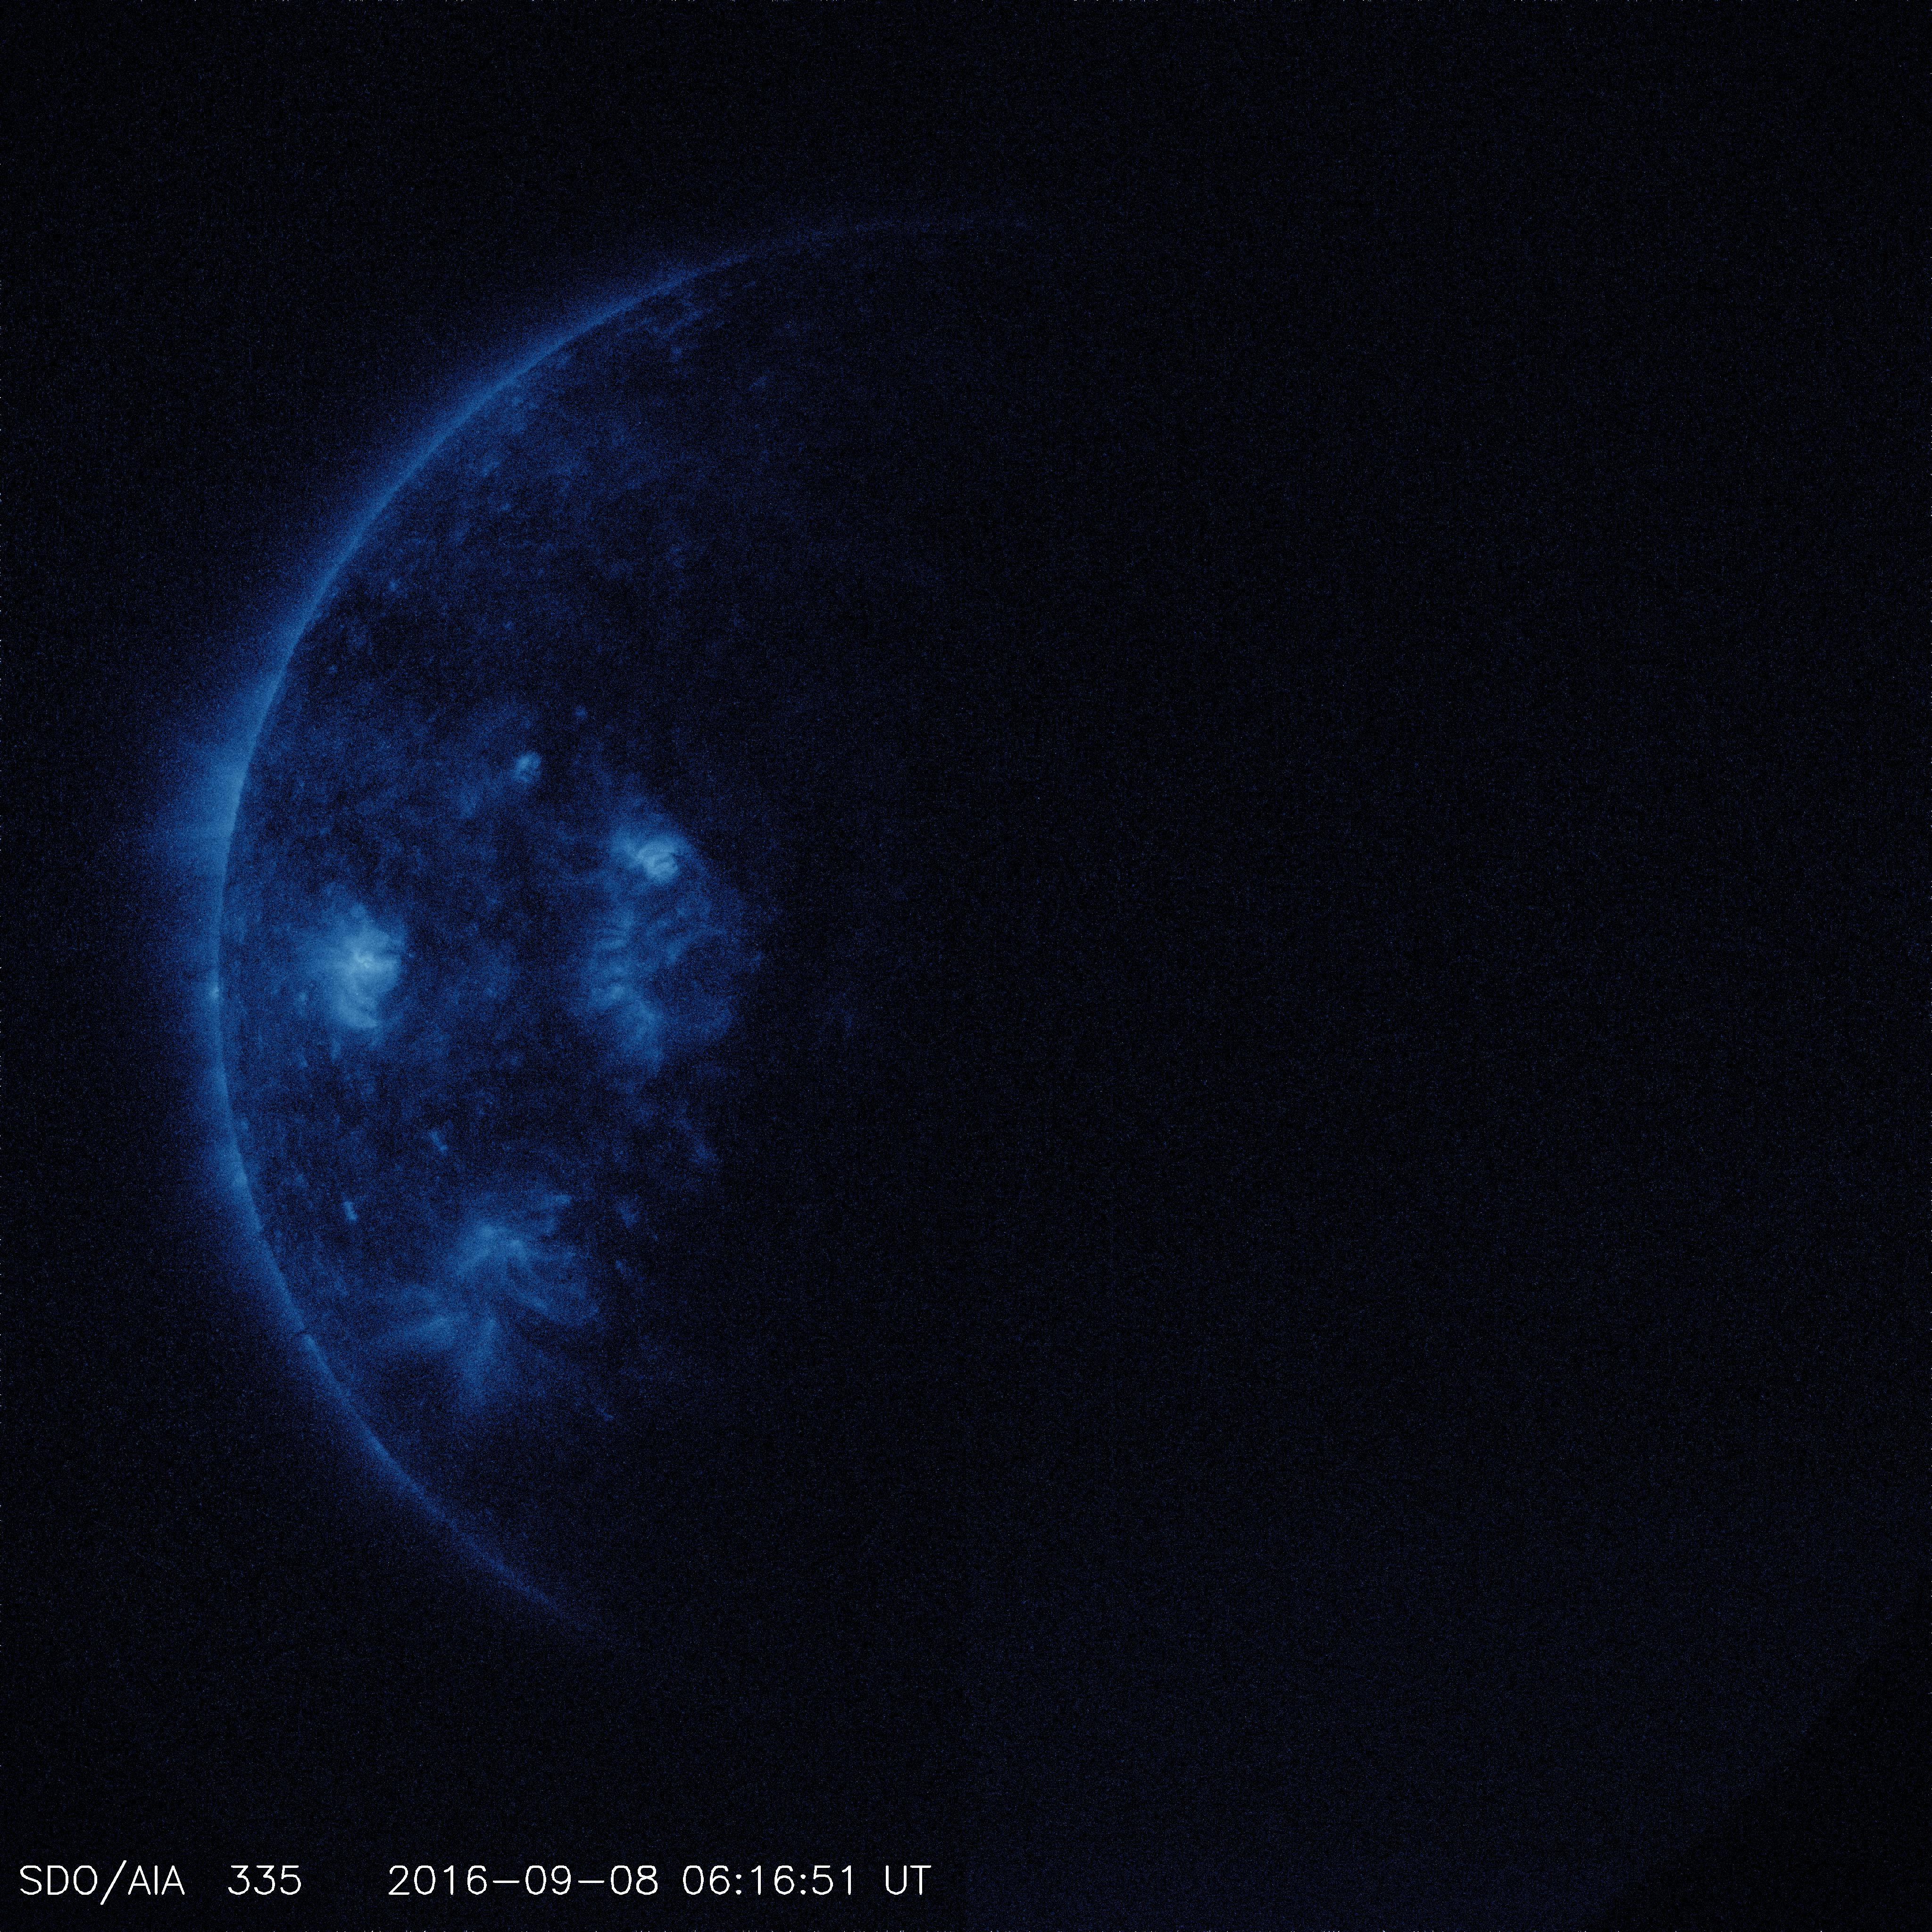 SDO Entering Earth's Shadow - YouTube